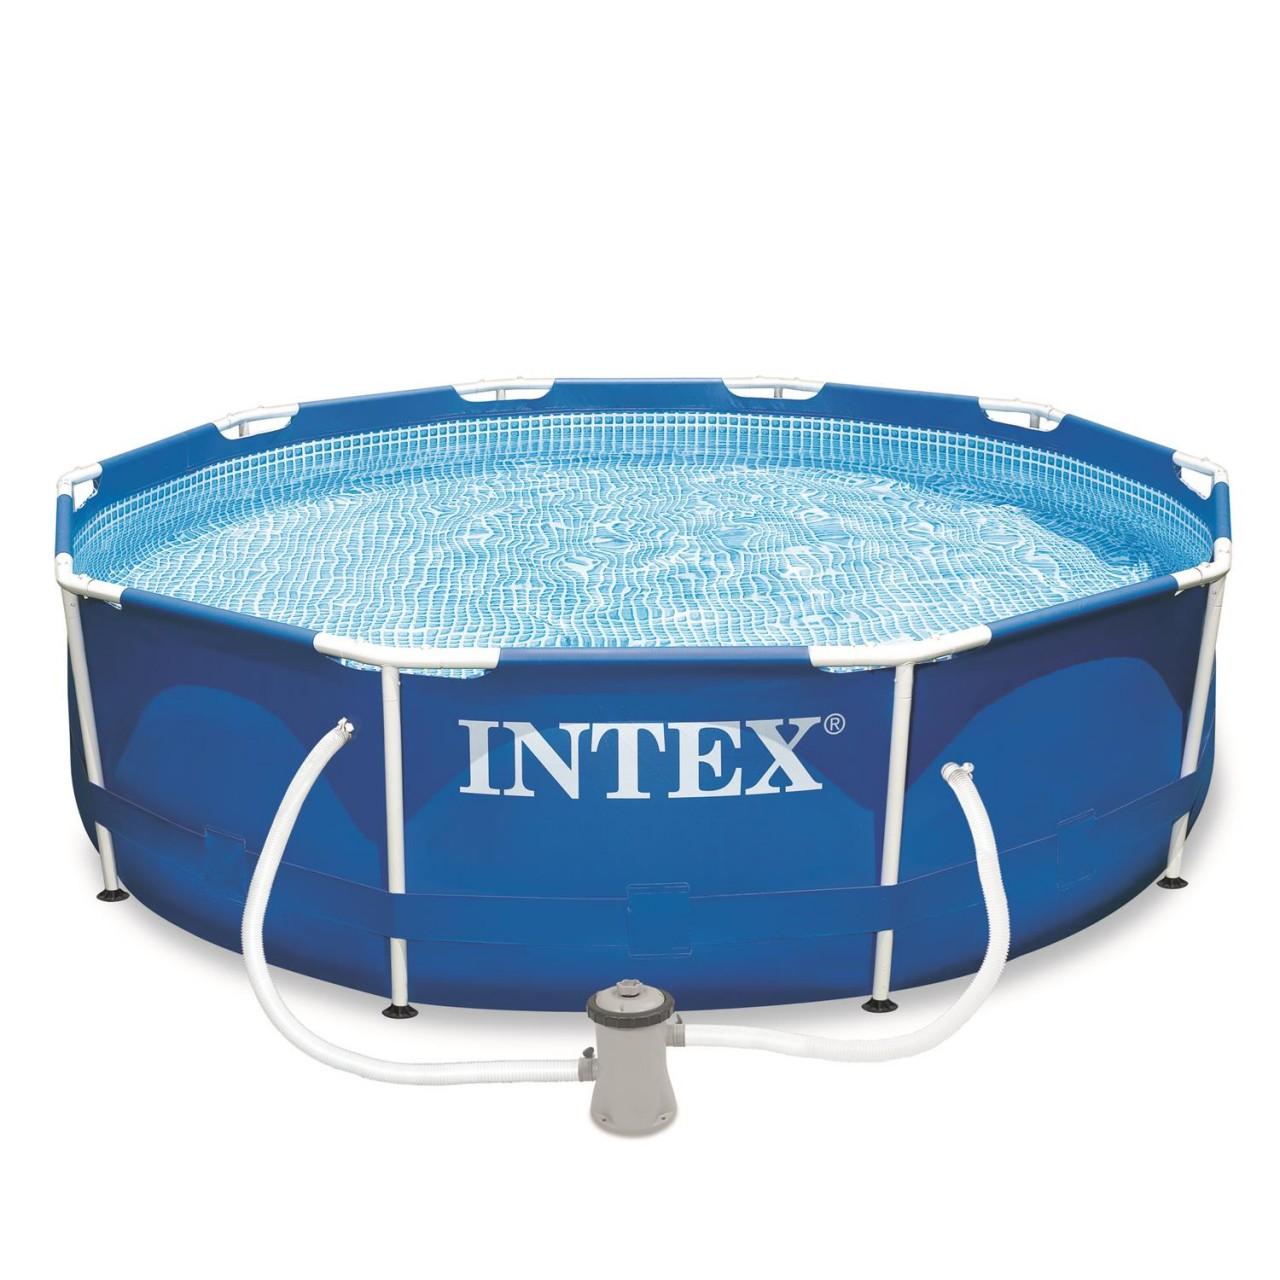 Intex Frame Pool Set mit Pumpe 305x76cm Stahlrohrbecken Schwimmbecken - 28202